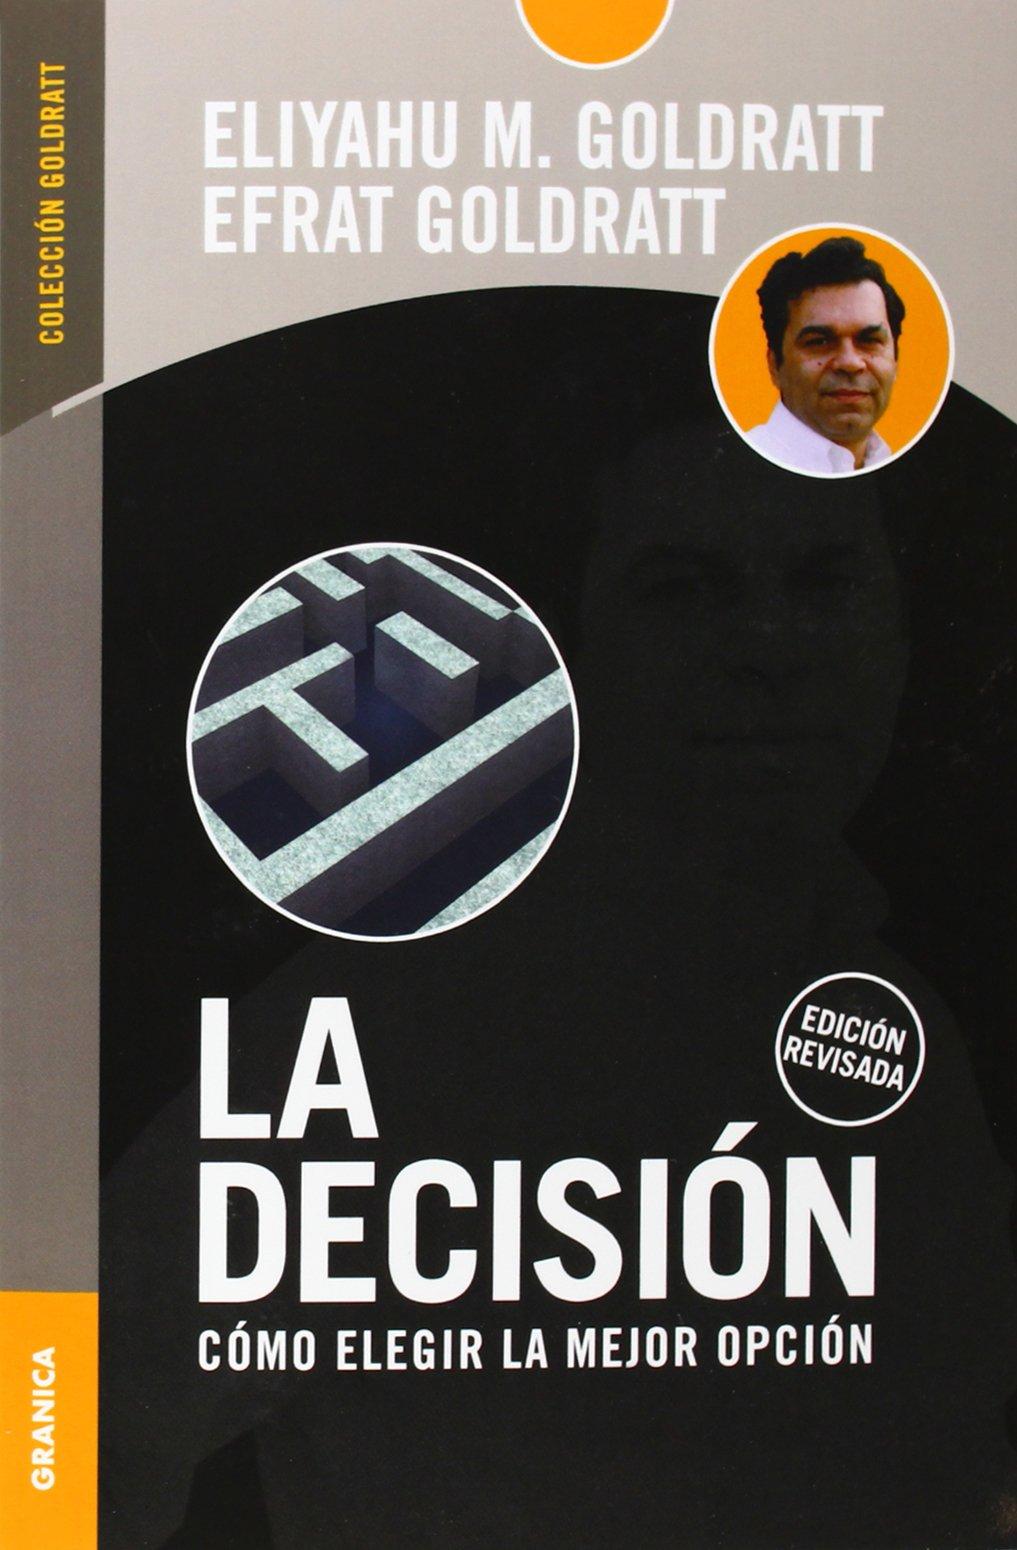 La Decision (spanish Edition): Eliyahu M Goldratt, Efrat Goldratt:  9789506416126: Amazon: Books